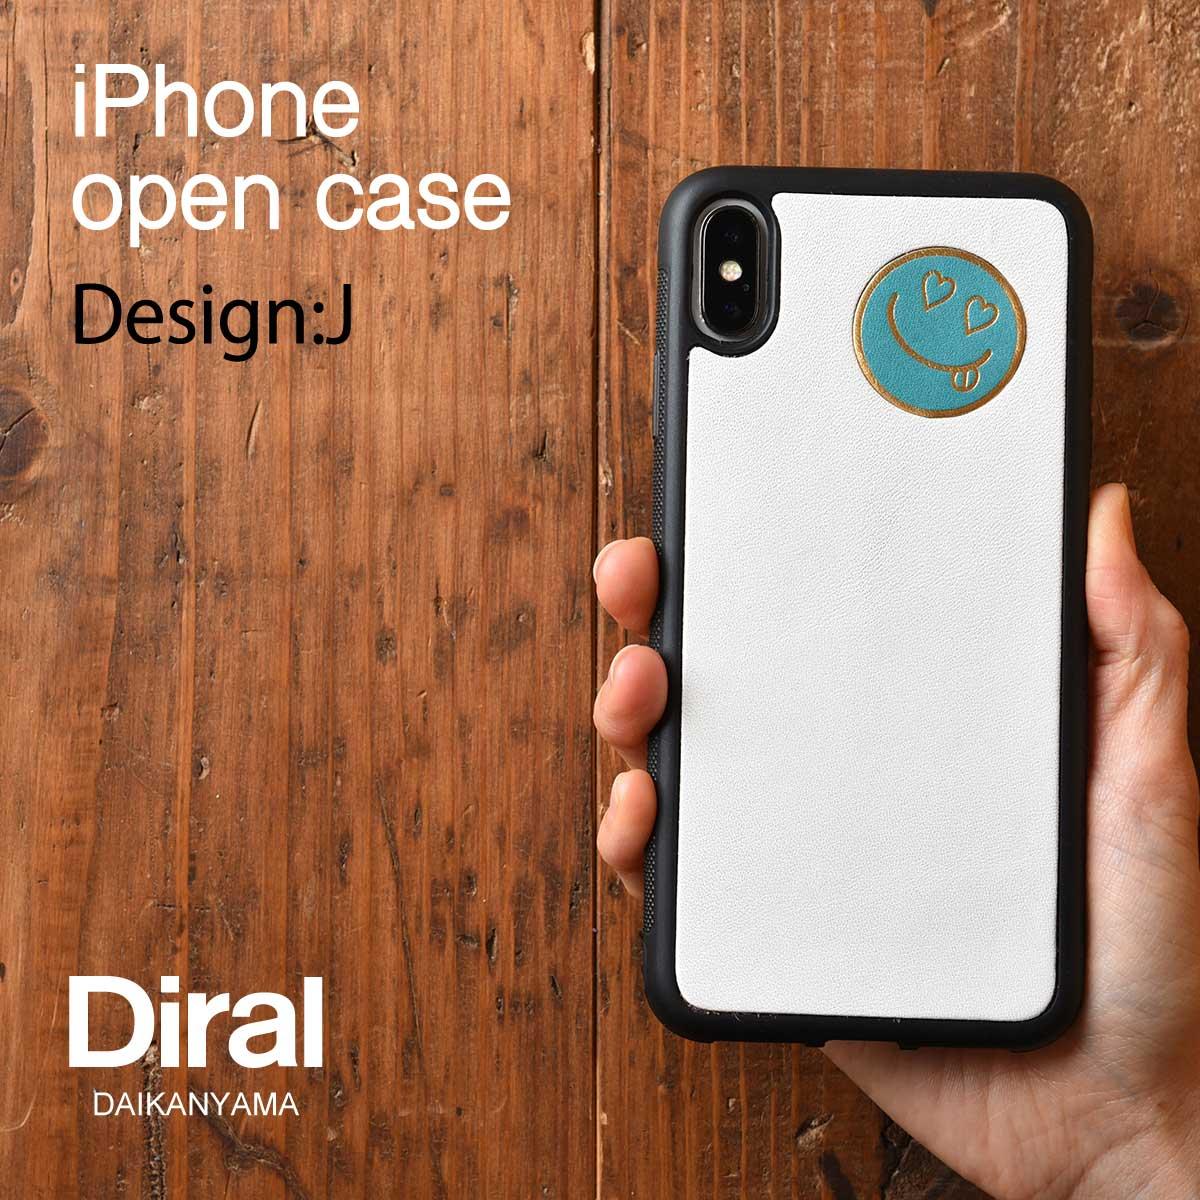 好みのデザインパターンから自由にカスタマイズ 誰ともかぶらない 一つだけのiPhoneケースが作れます Design 売り込み J マーク埋込み iPhoneケース メーカー在庫限り品 iPhoneオープンタイプケース オーダー 名入れカスタム スマイル右上